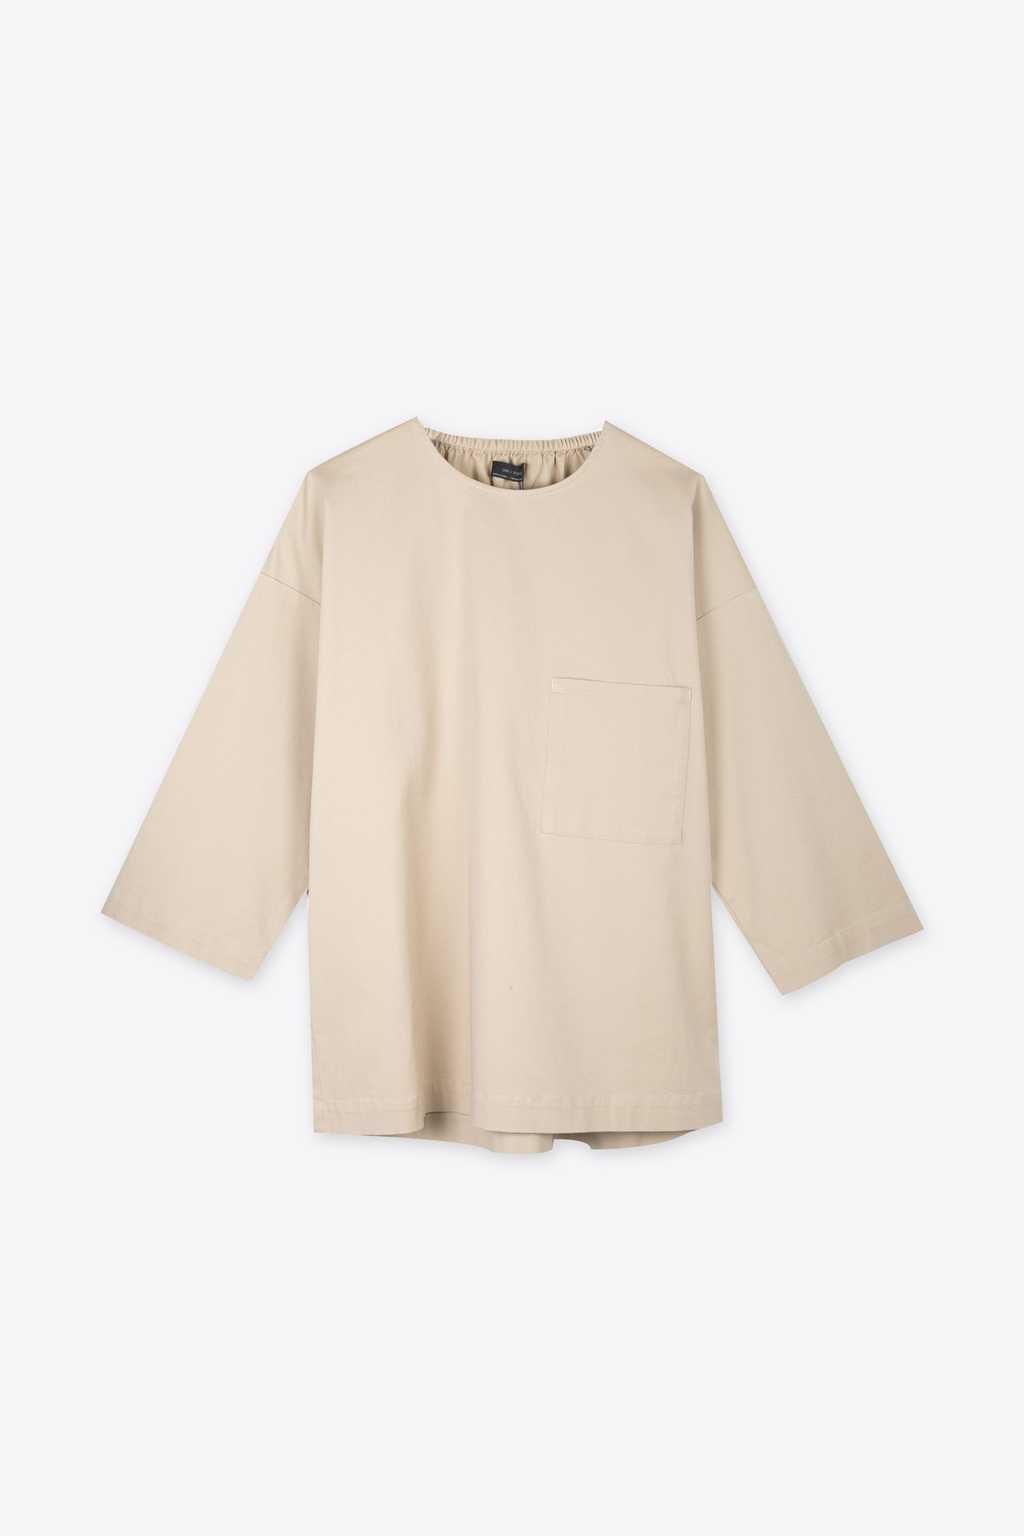 Shirt 1336 Khaki 6